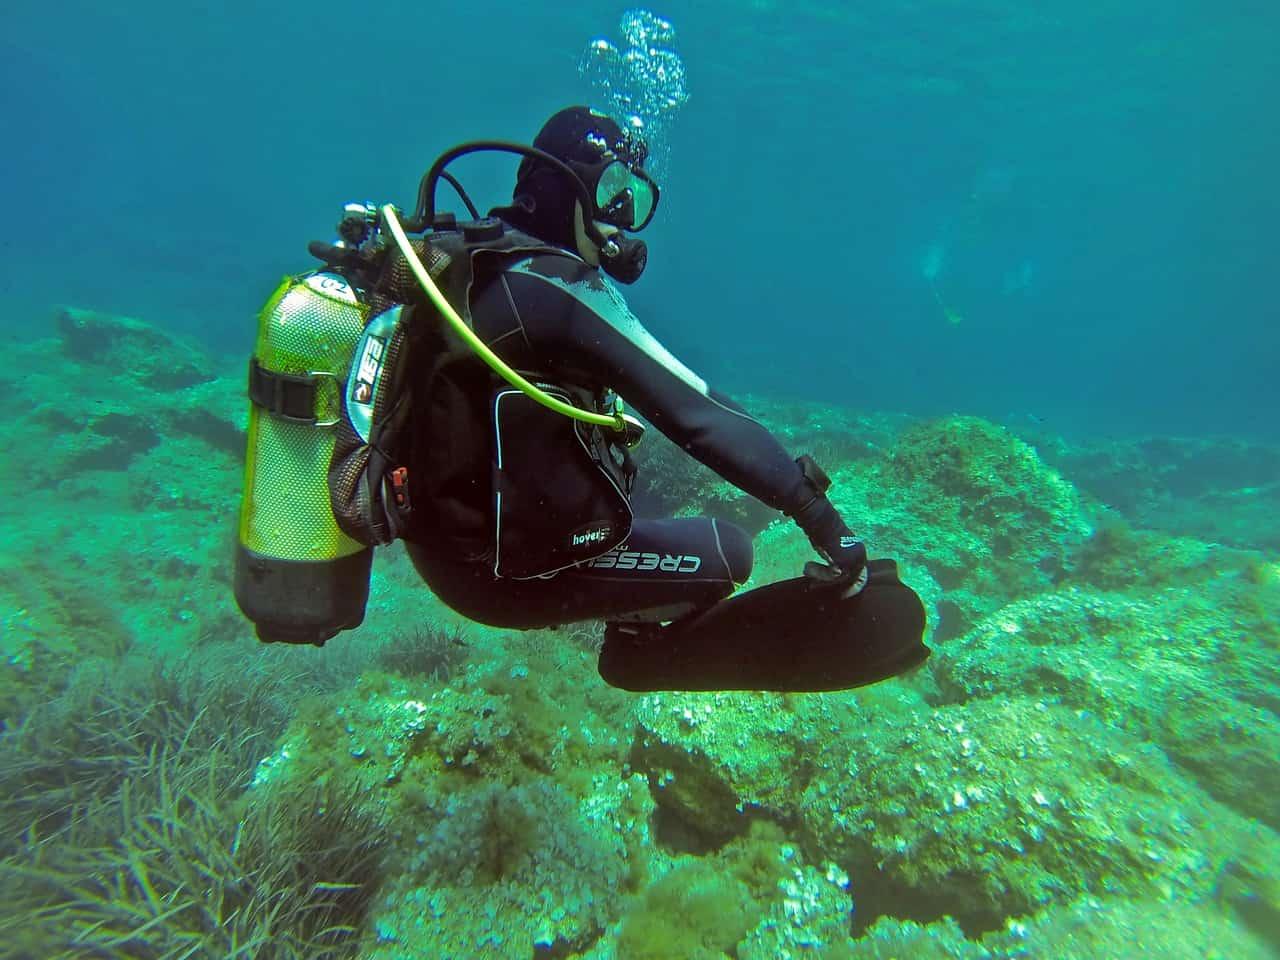 Scuba Diving - Buoyancy